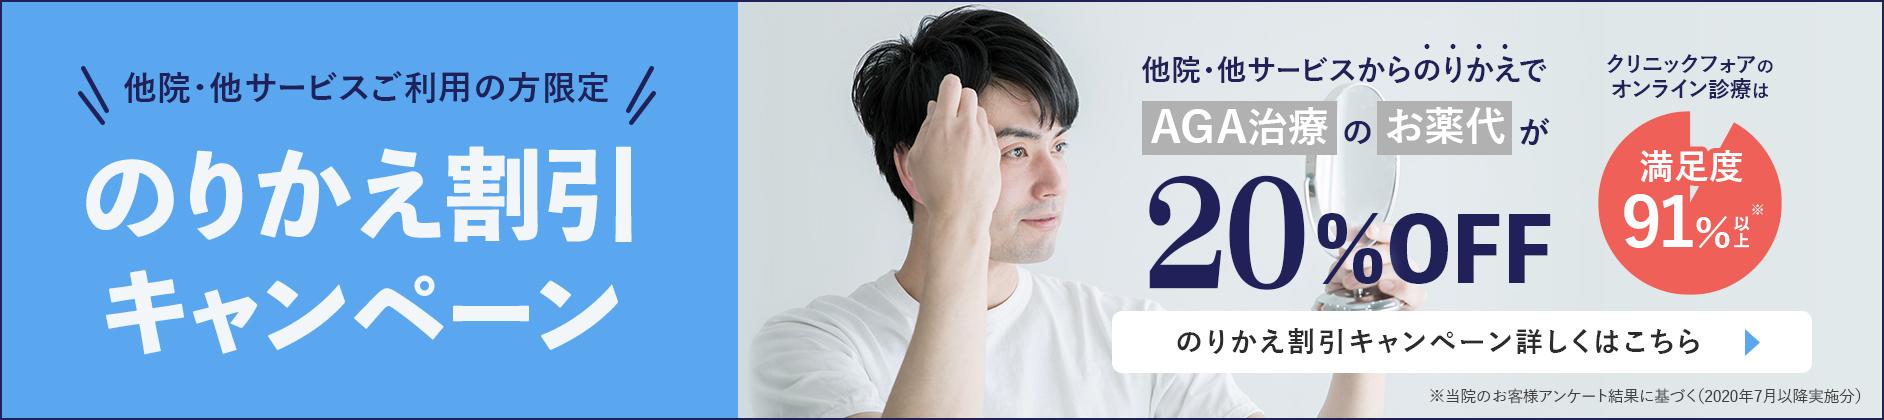 定期配送対応のAGA・薄毛治療クリニック「クリニックフォア」の『のりかえ割引キャンペーン』